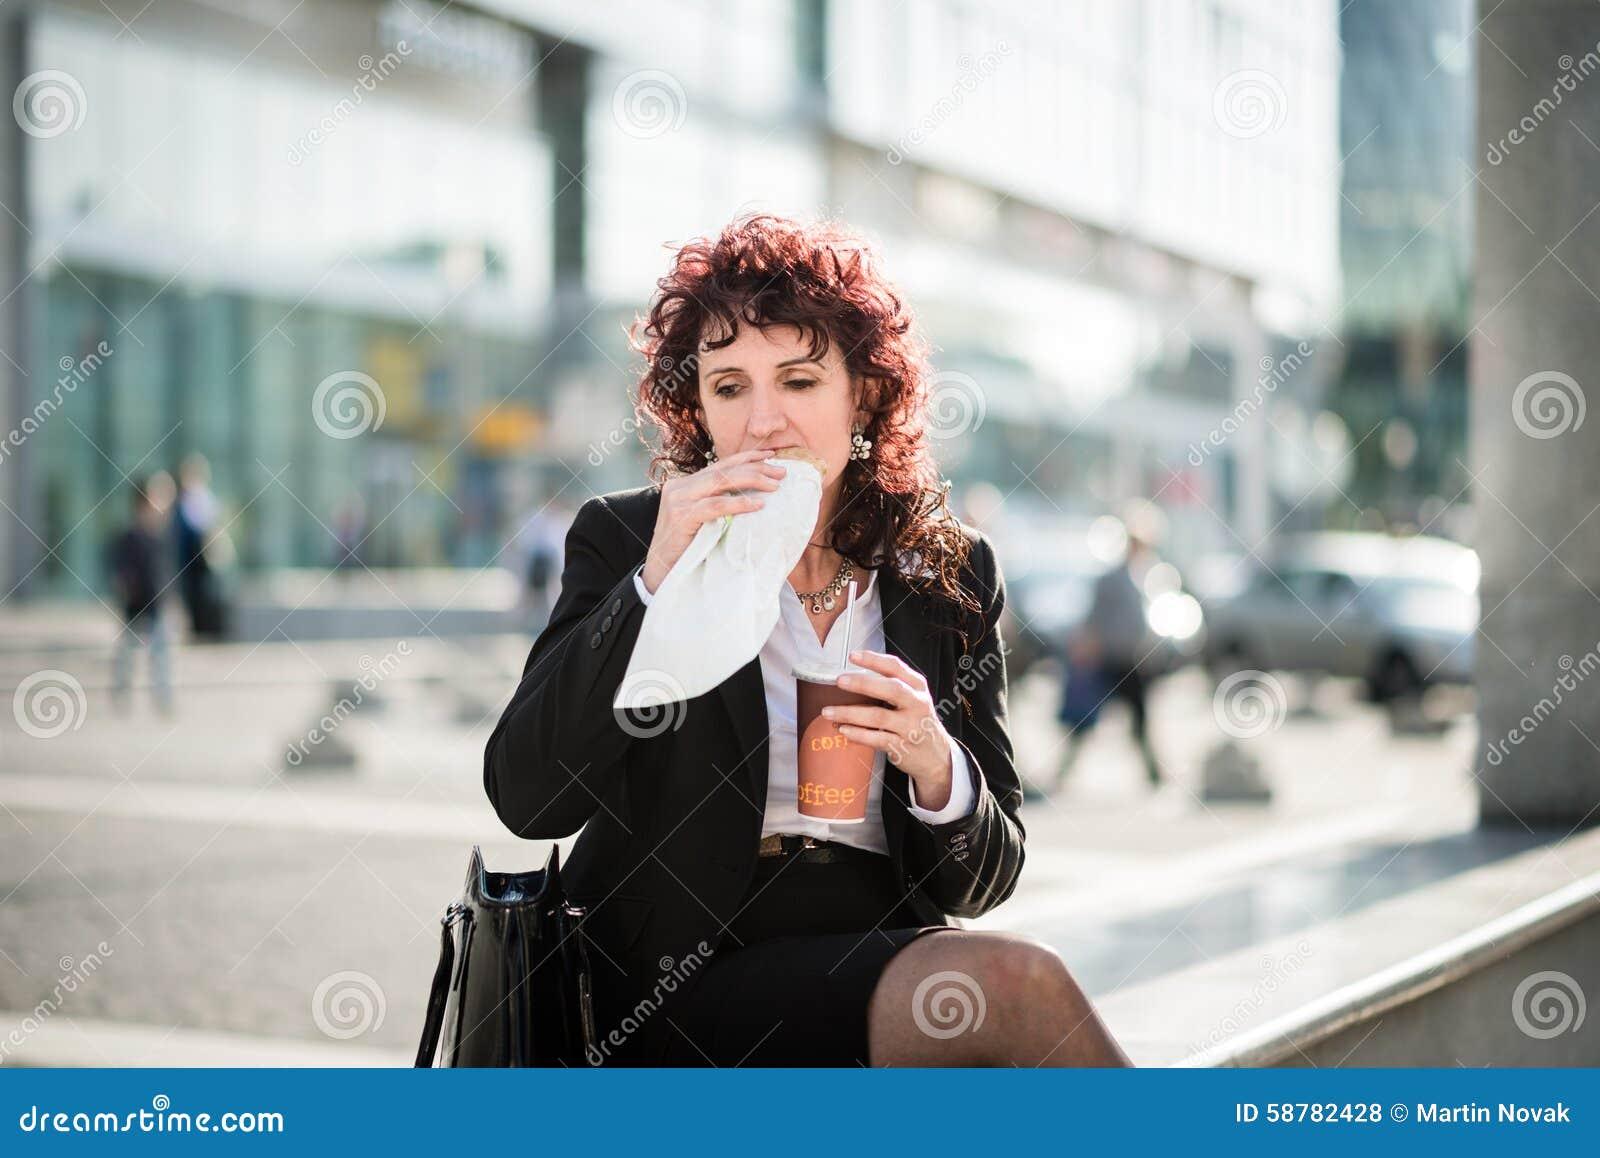 Almoço rápido - mulher de negócio que come na rua